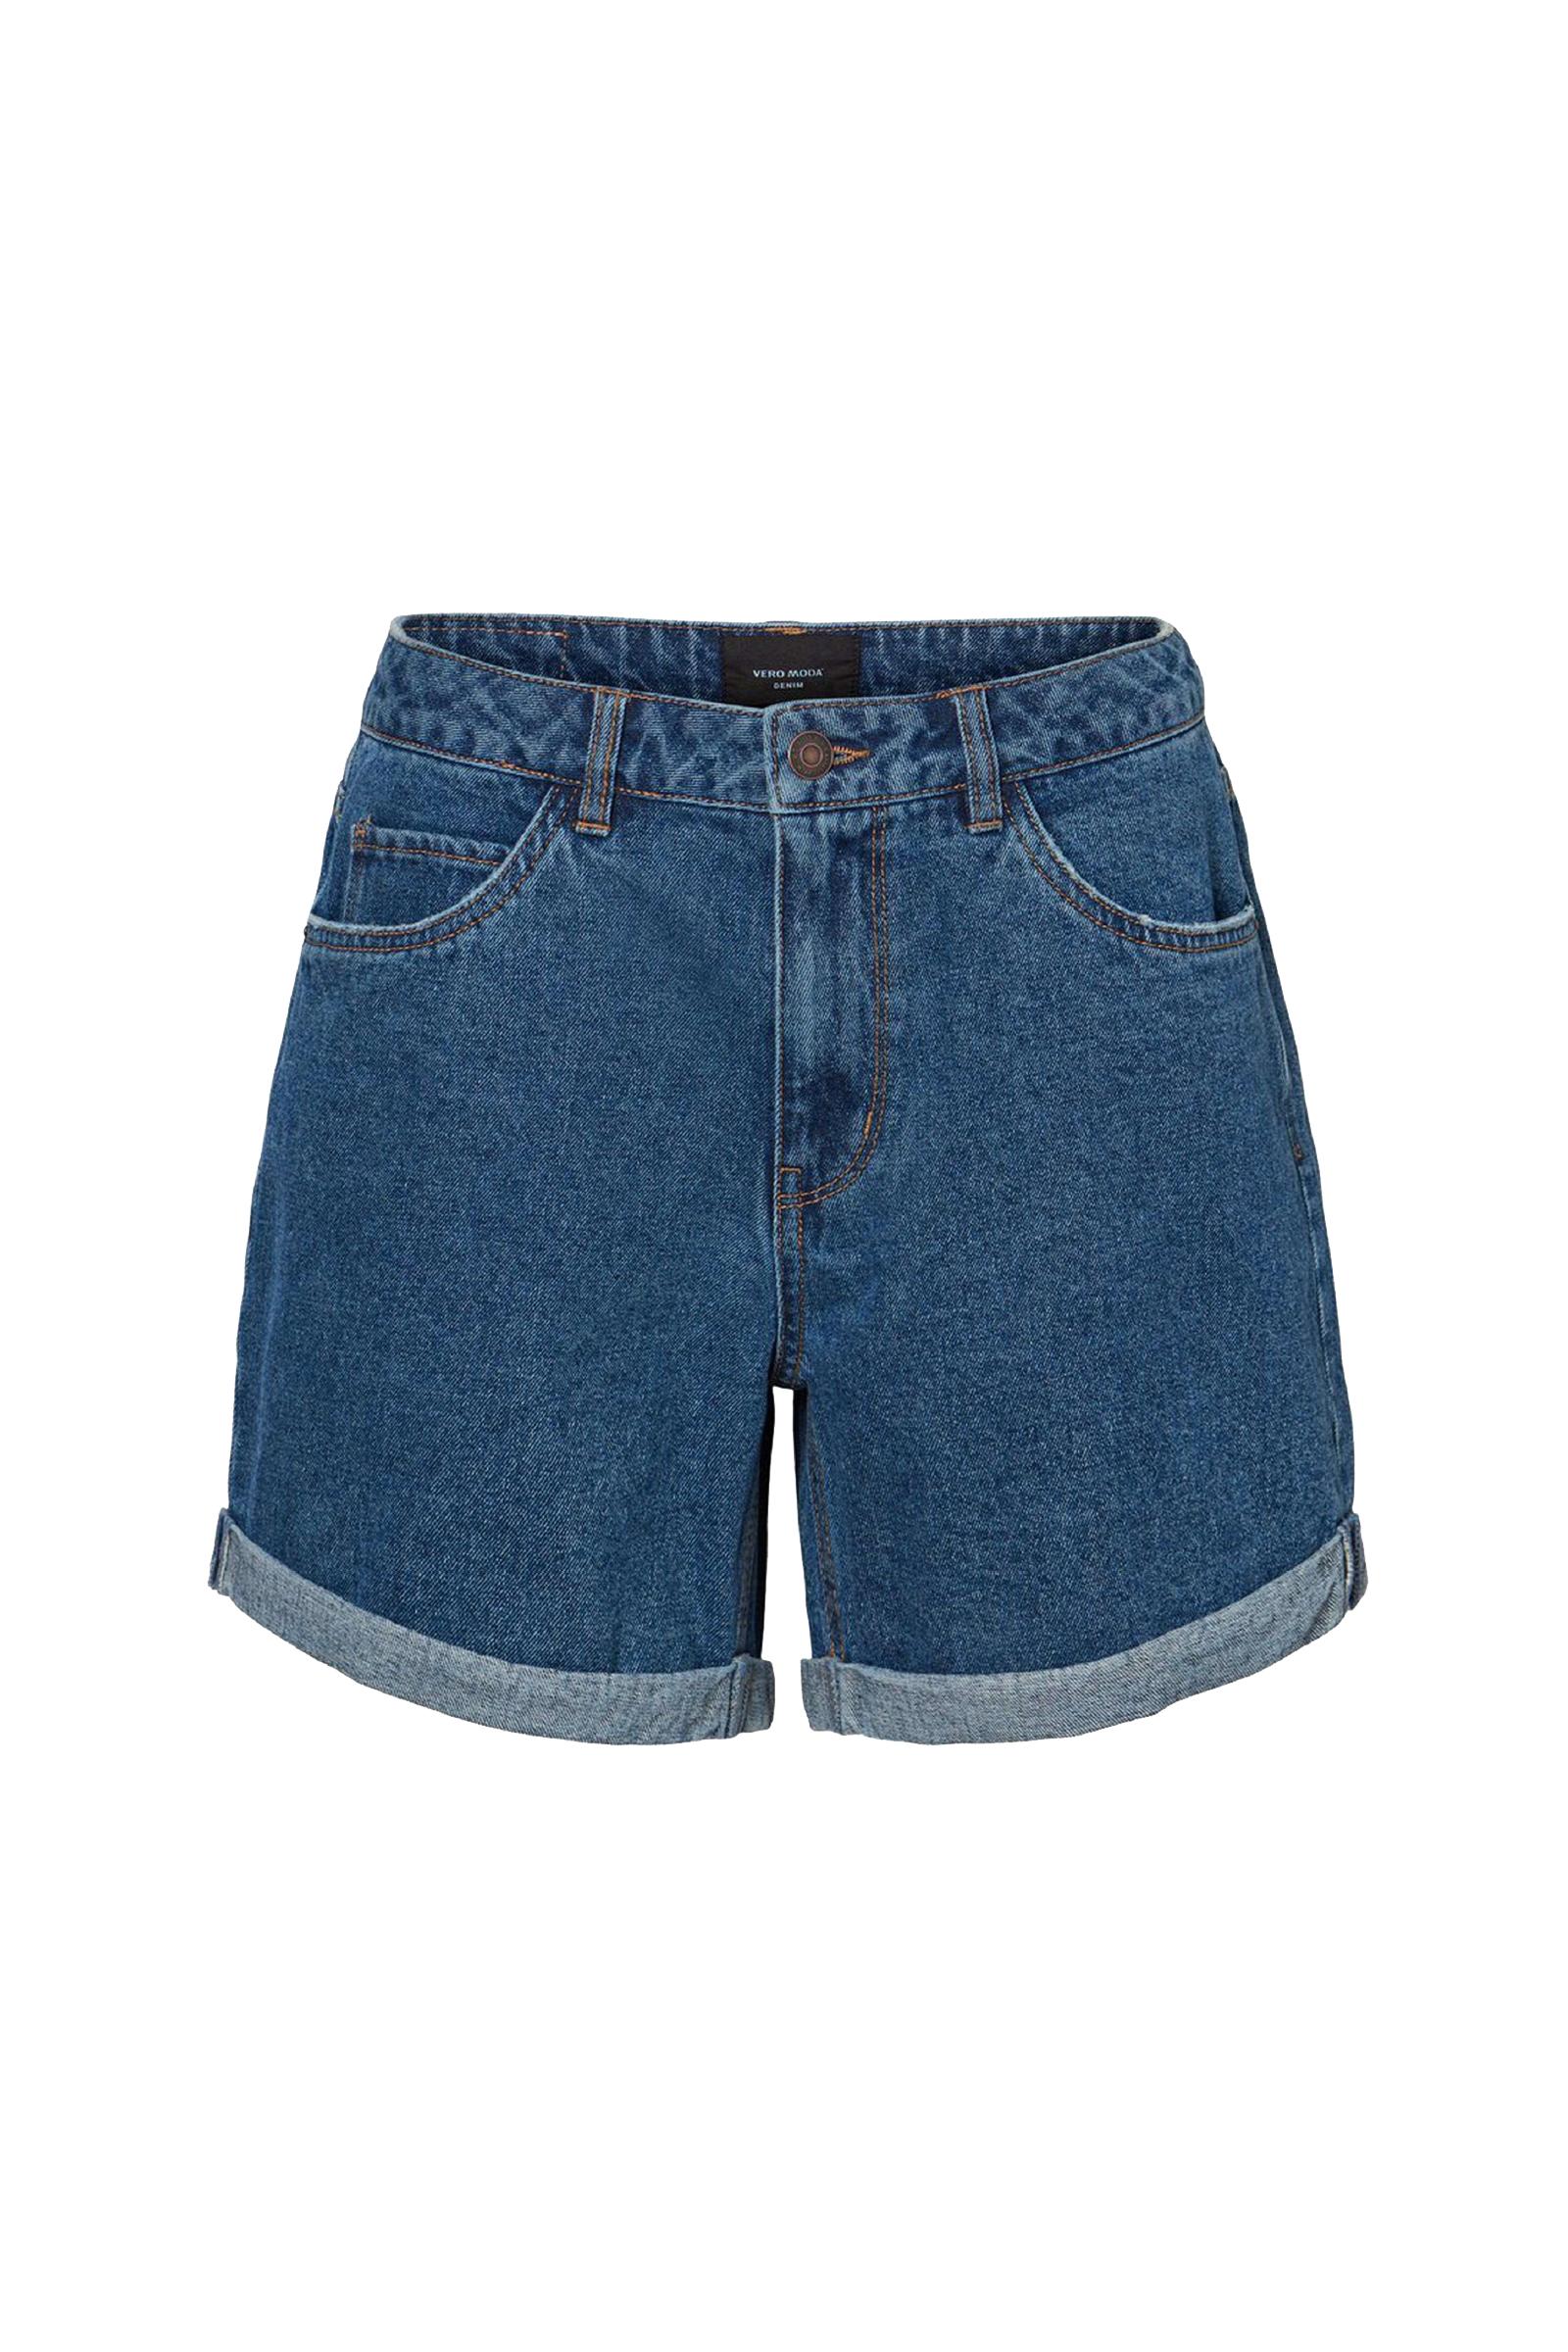 VERO MODA Shorts Woman VERO MODA |  | 10210384Medium Blue Denim